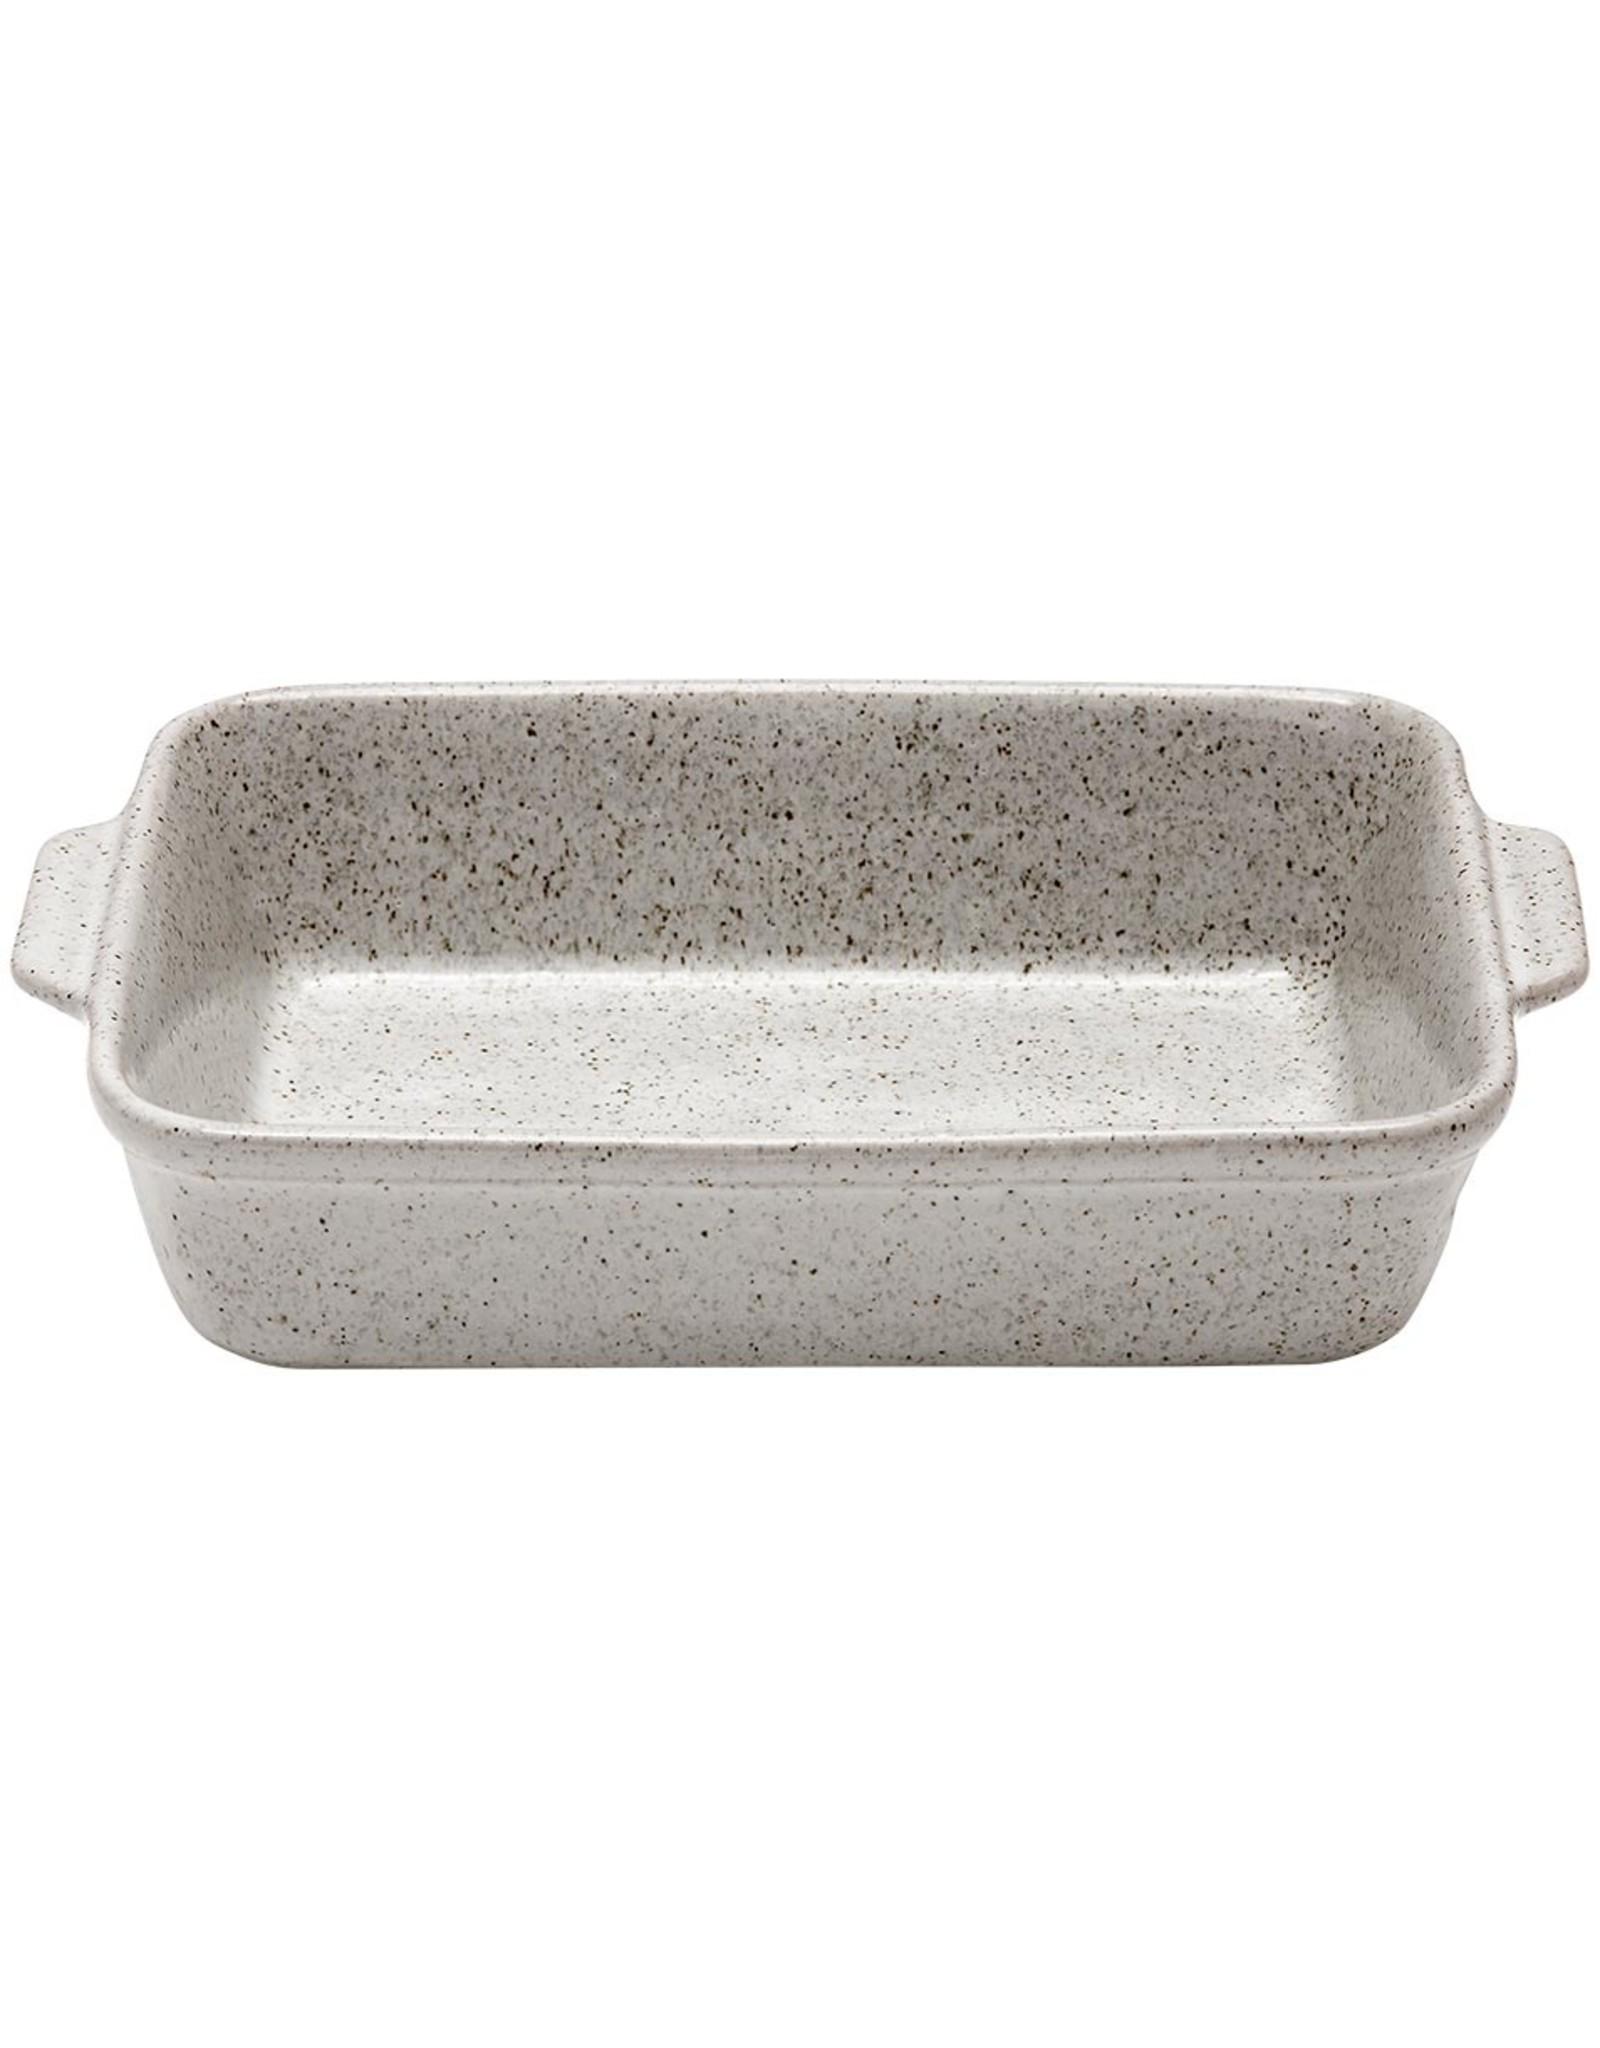 Artisan 23cm Baking Dish